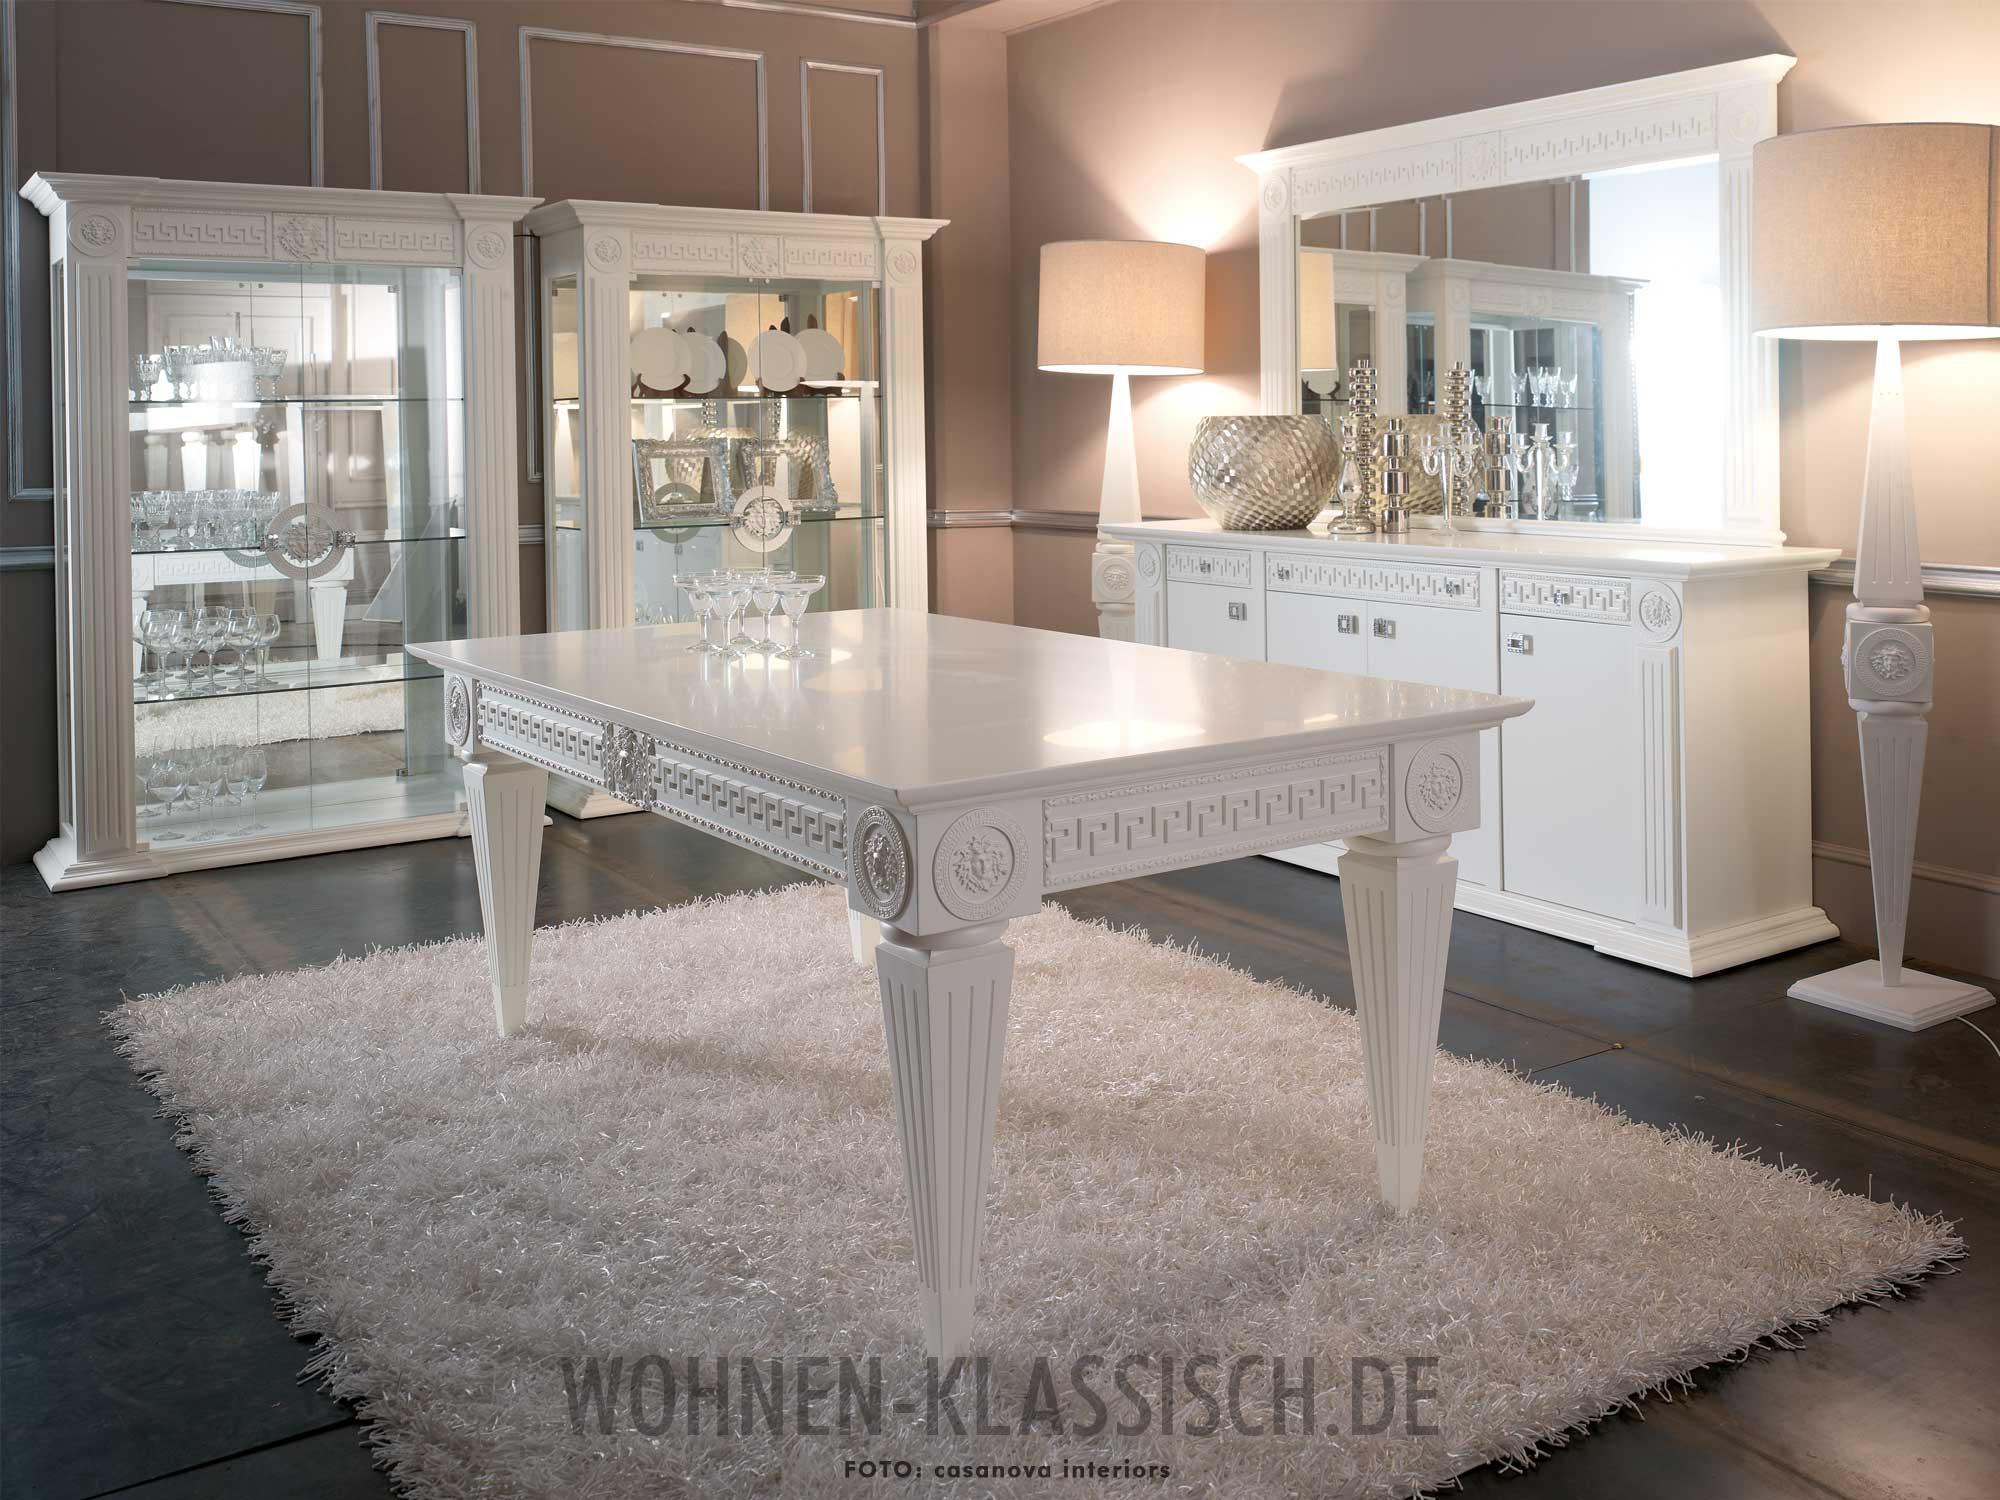 griechisch essen klassisch wohnen. Black Bedroom Furniture Sets. Home Design Ideas